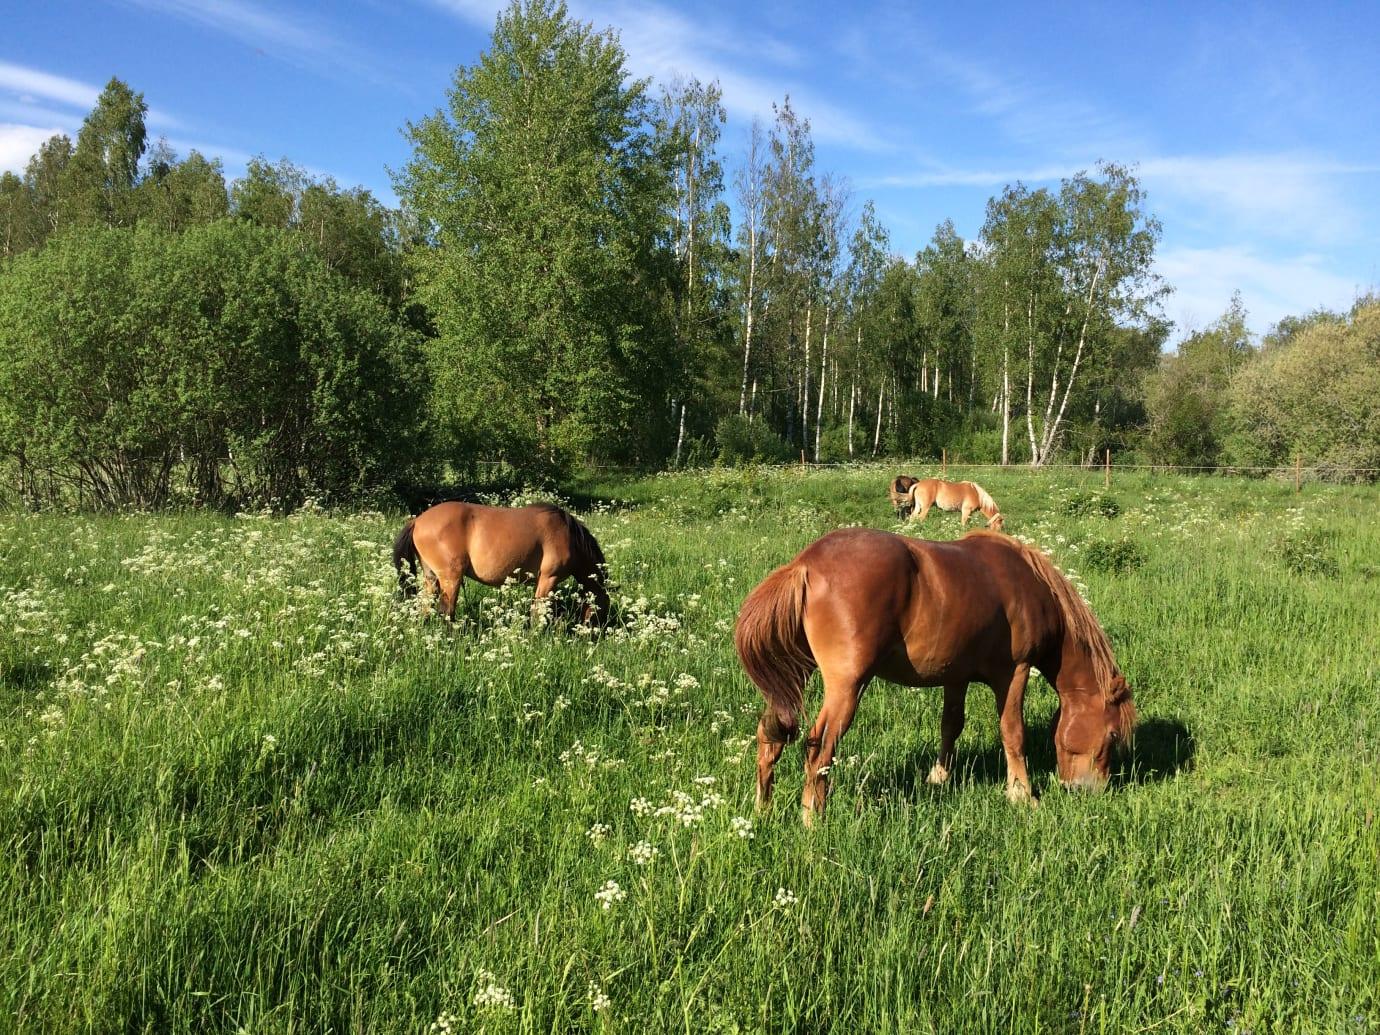 Bete ger näringsrikare vegetation och variation i landskapet